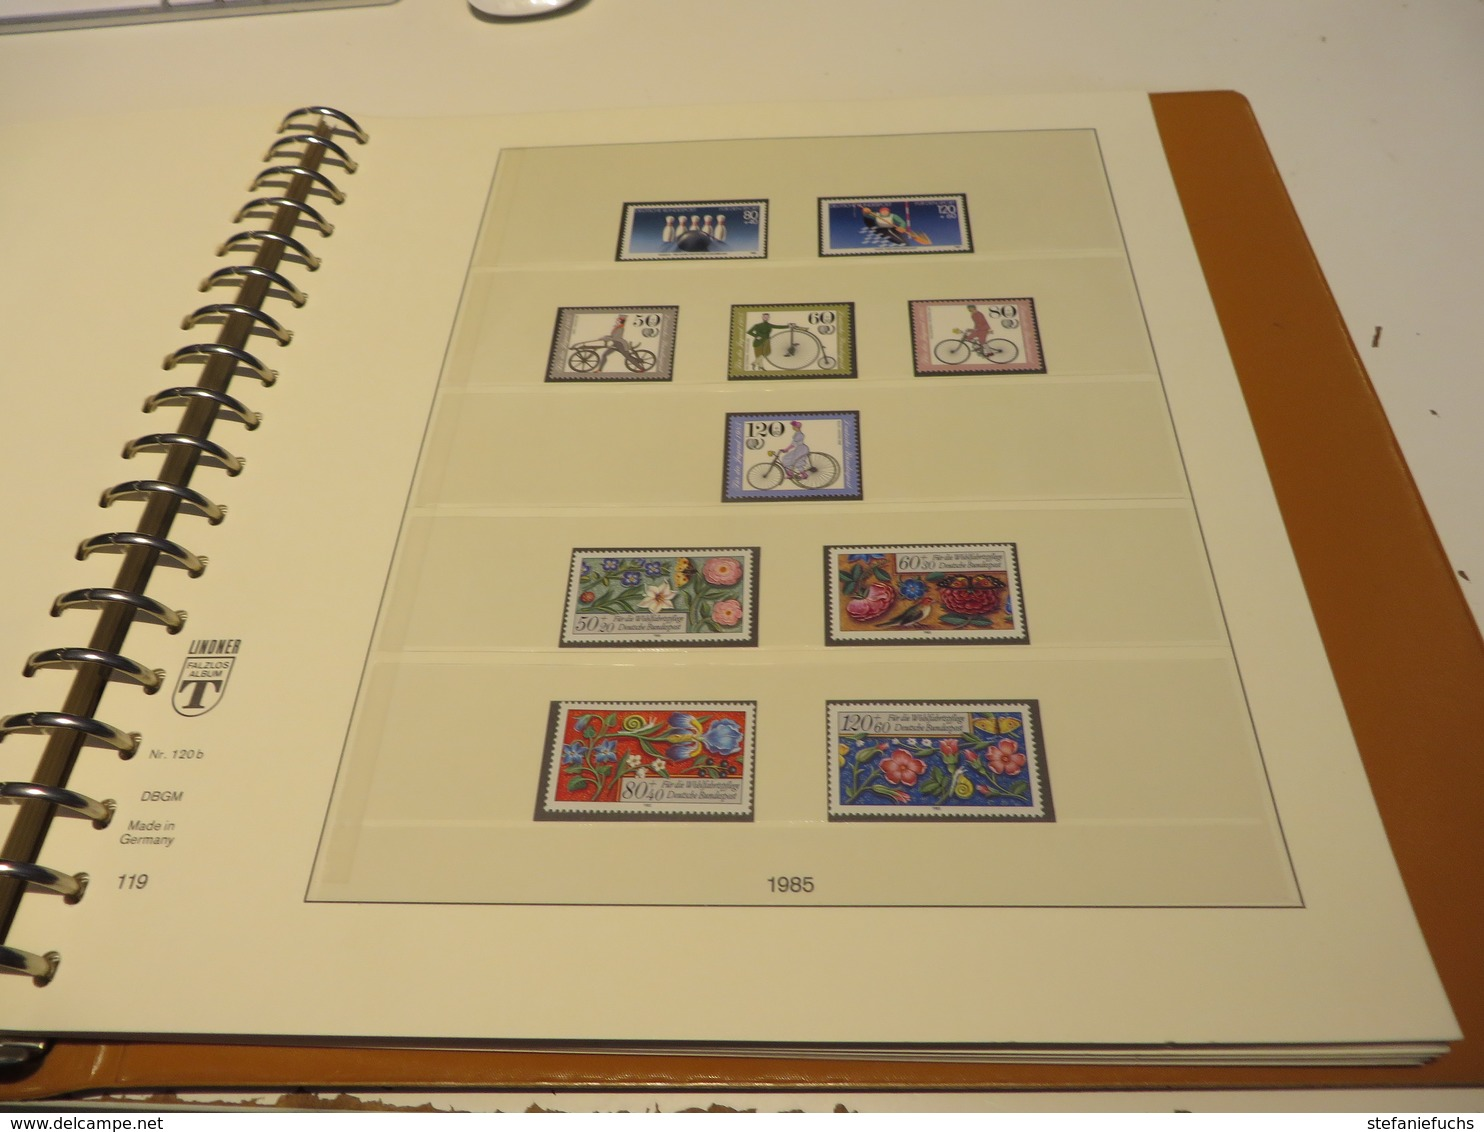 DEUTSCHLAND / BUND  1977 Bis 1989  LINDNER - T - VORDRUCKTEXT  Mit  Ein  Posten  ** /  MARKEN  Im  RINGBINDER - Stamps